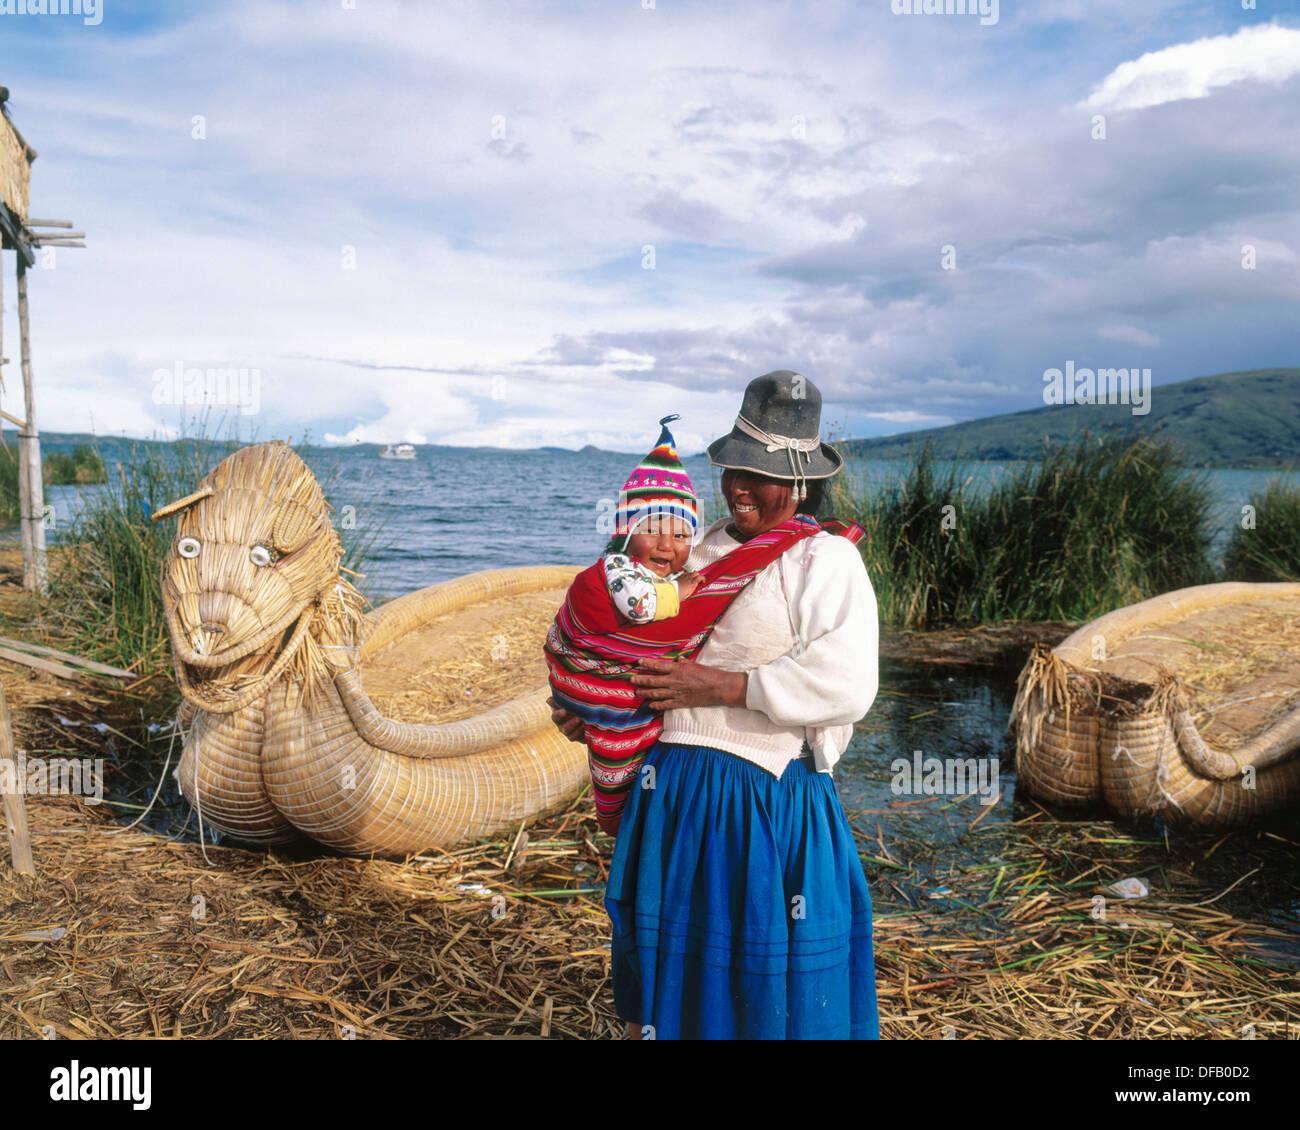 Uru mère indienne et de l'enfant et de Totora roseaux bateau. Lac Titicaca. Pérou Photo Stock